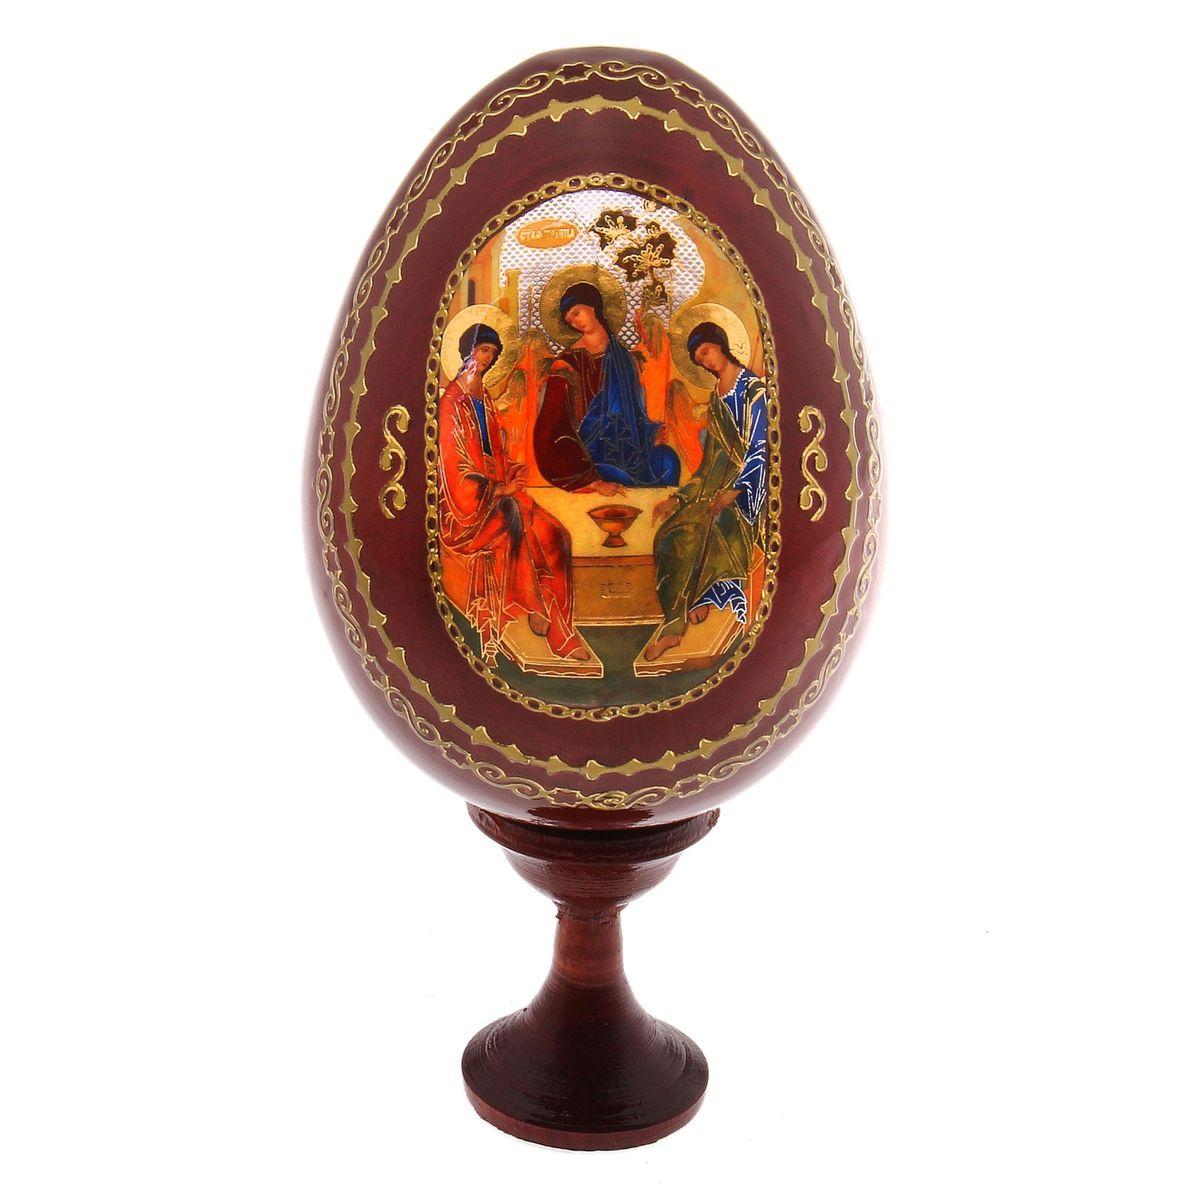 Яйцо декоративное Sima-land Троица, на подставке, высота 14,5 см119894Декоративное яйцо Sima-land Троица изготовлено из дерева с лаковым покрытием. Яйцо оформлено изображением Святой Троицы и золотыми узорами. Изделие располагается на деревянной подставке. Декоративное яйцо Sima-land Троица принесет в ваш дом ощущение торжества, душевного уюта и станет идеальным подарком на Пасху. Диаметр яйца: 7,5 см. Высота яйца: 10,5 см. Размер подставки: 3,2 см х 3,2 см х 4 см.